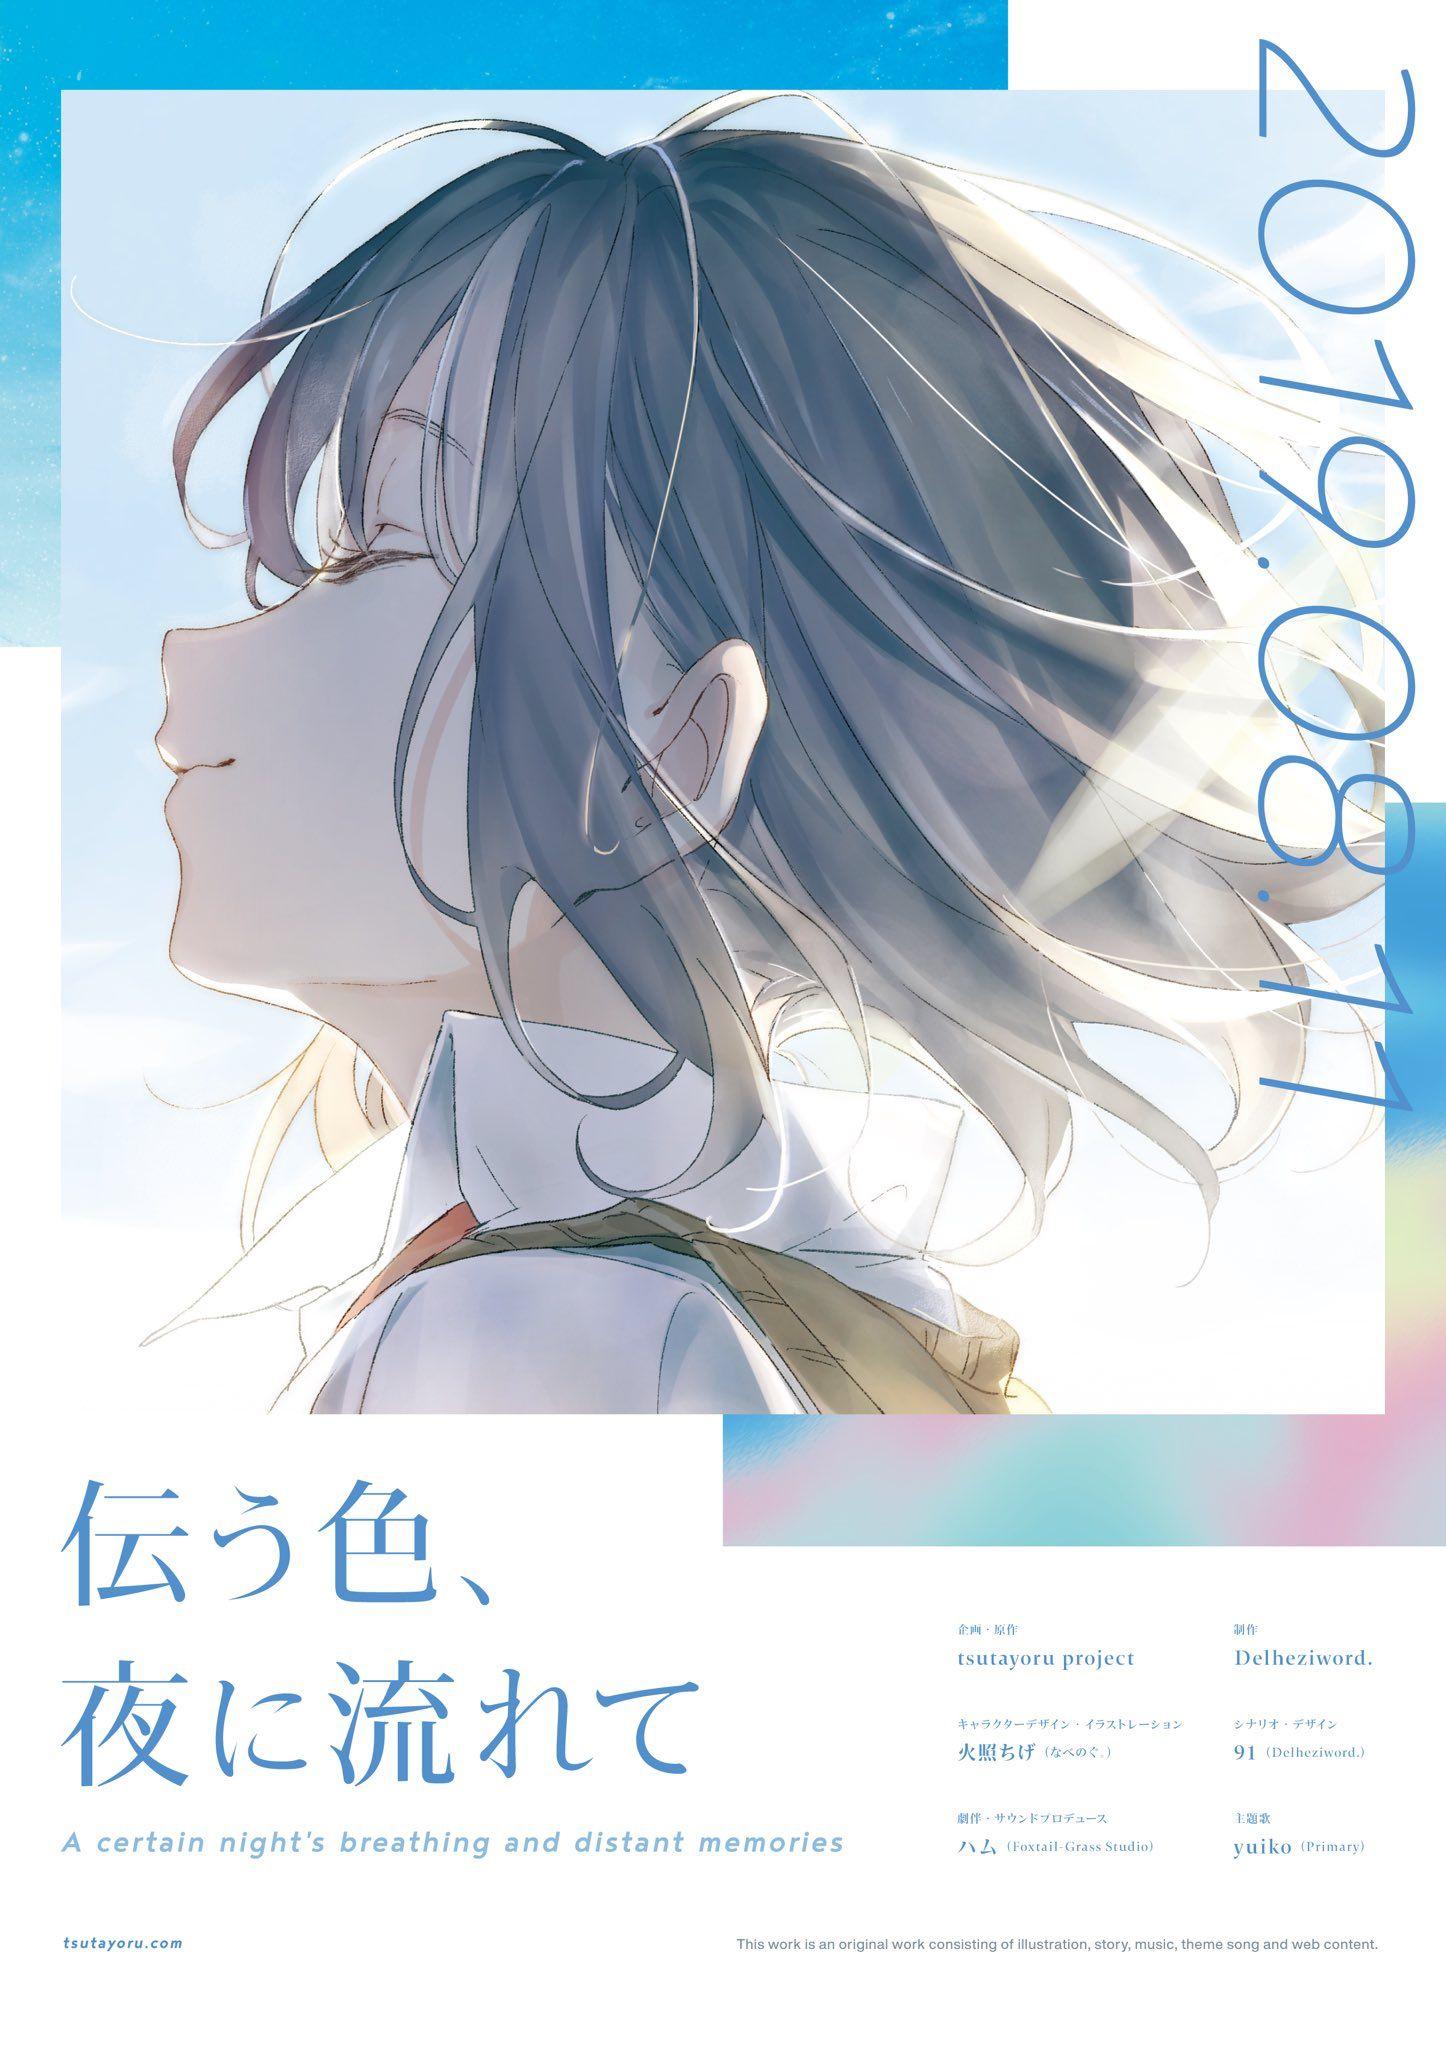 ボード 漫画 アニメ 同人誌 デザイン のピン